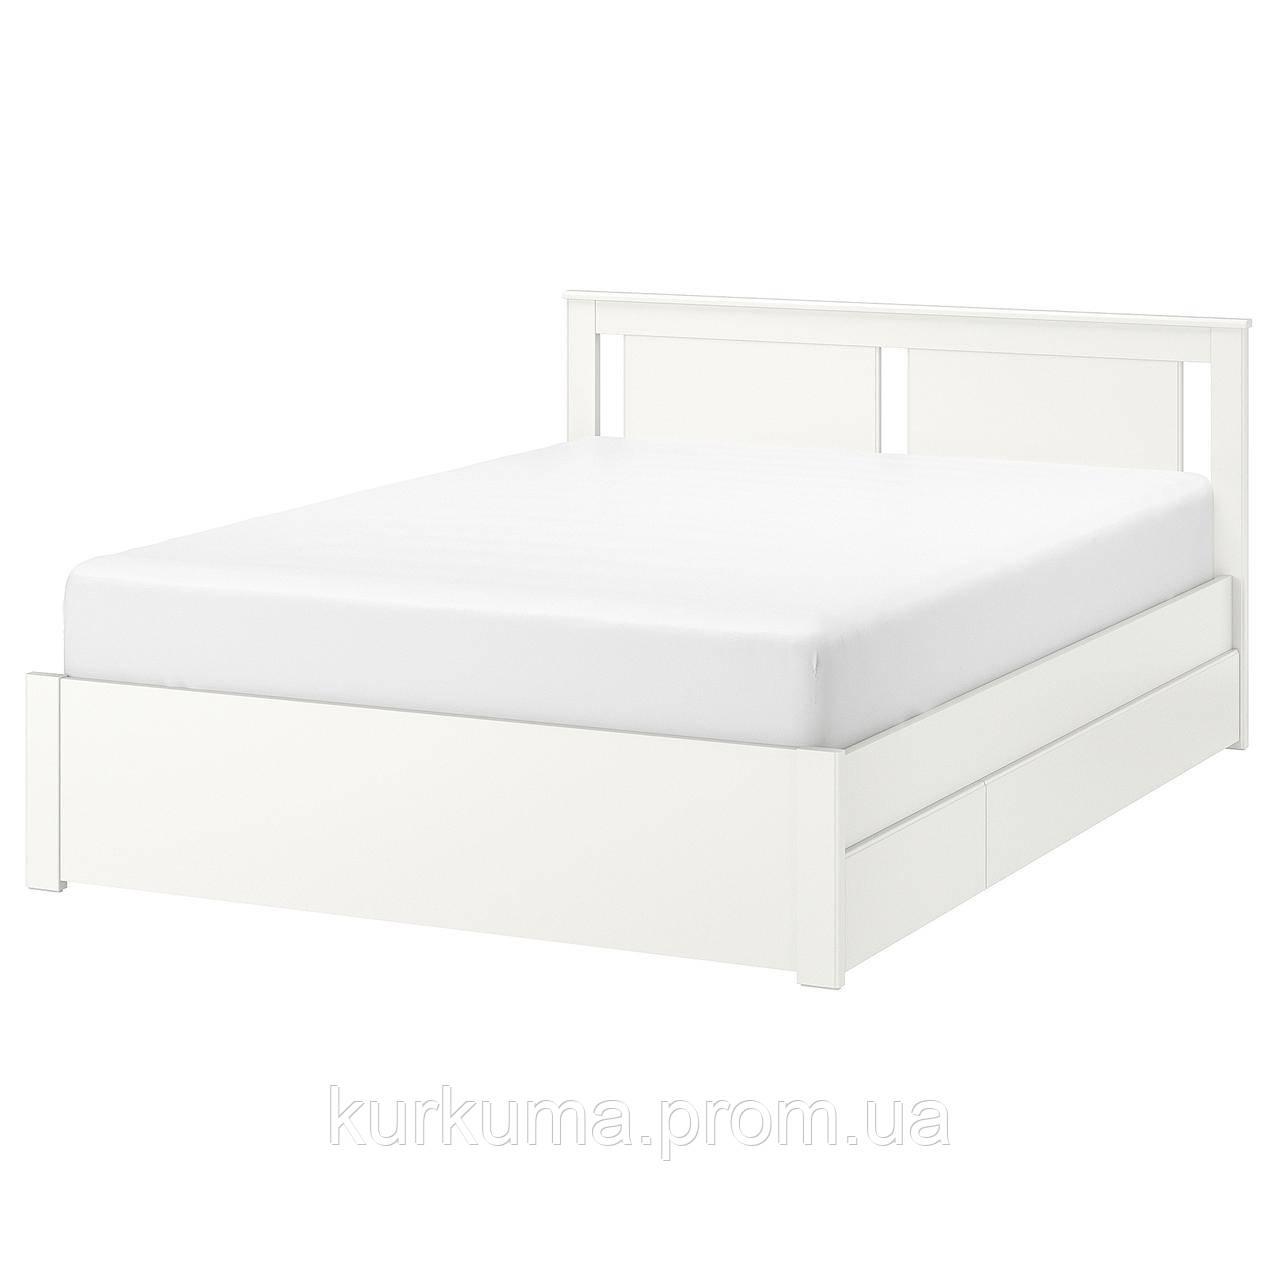 IKEA SONGESAND Кровать с 2 ящиками, белый  (392.412.11)